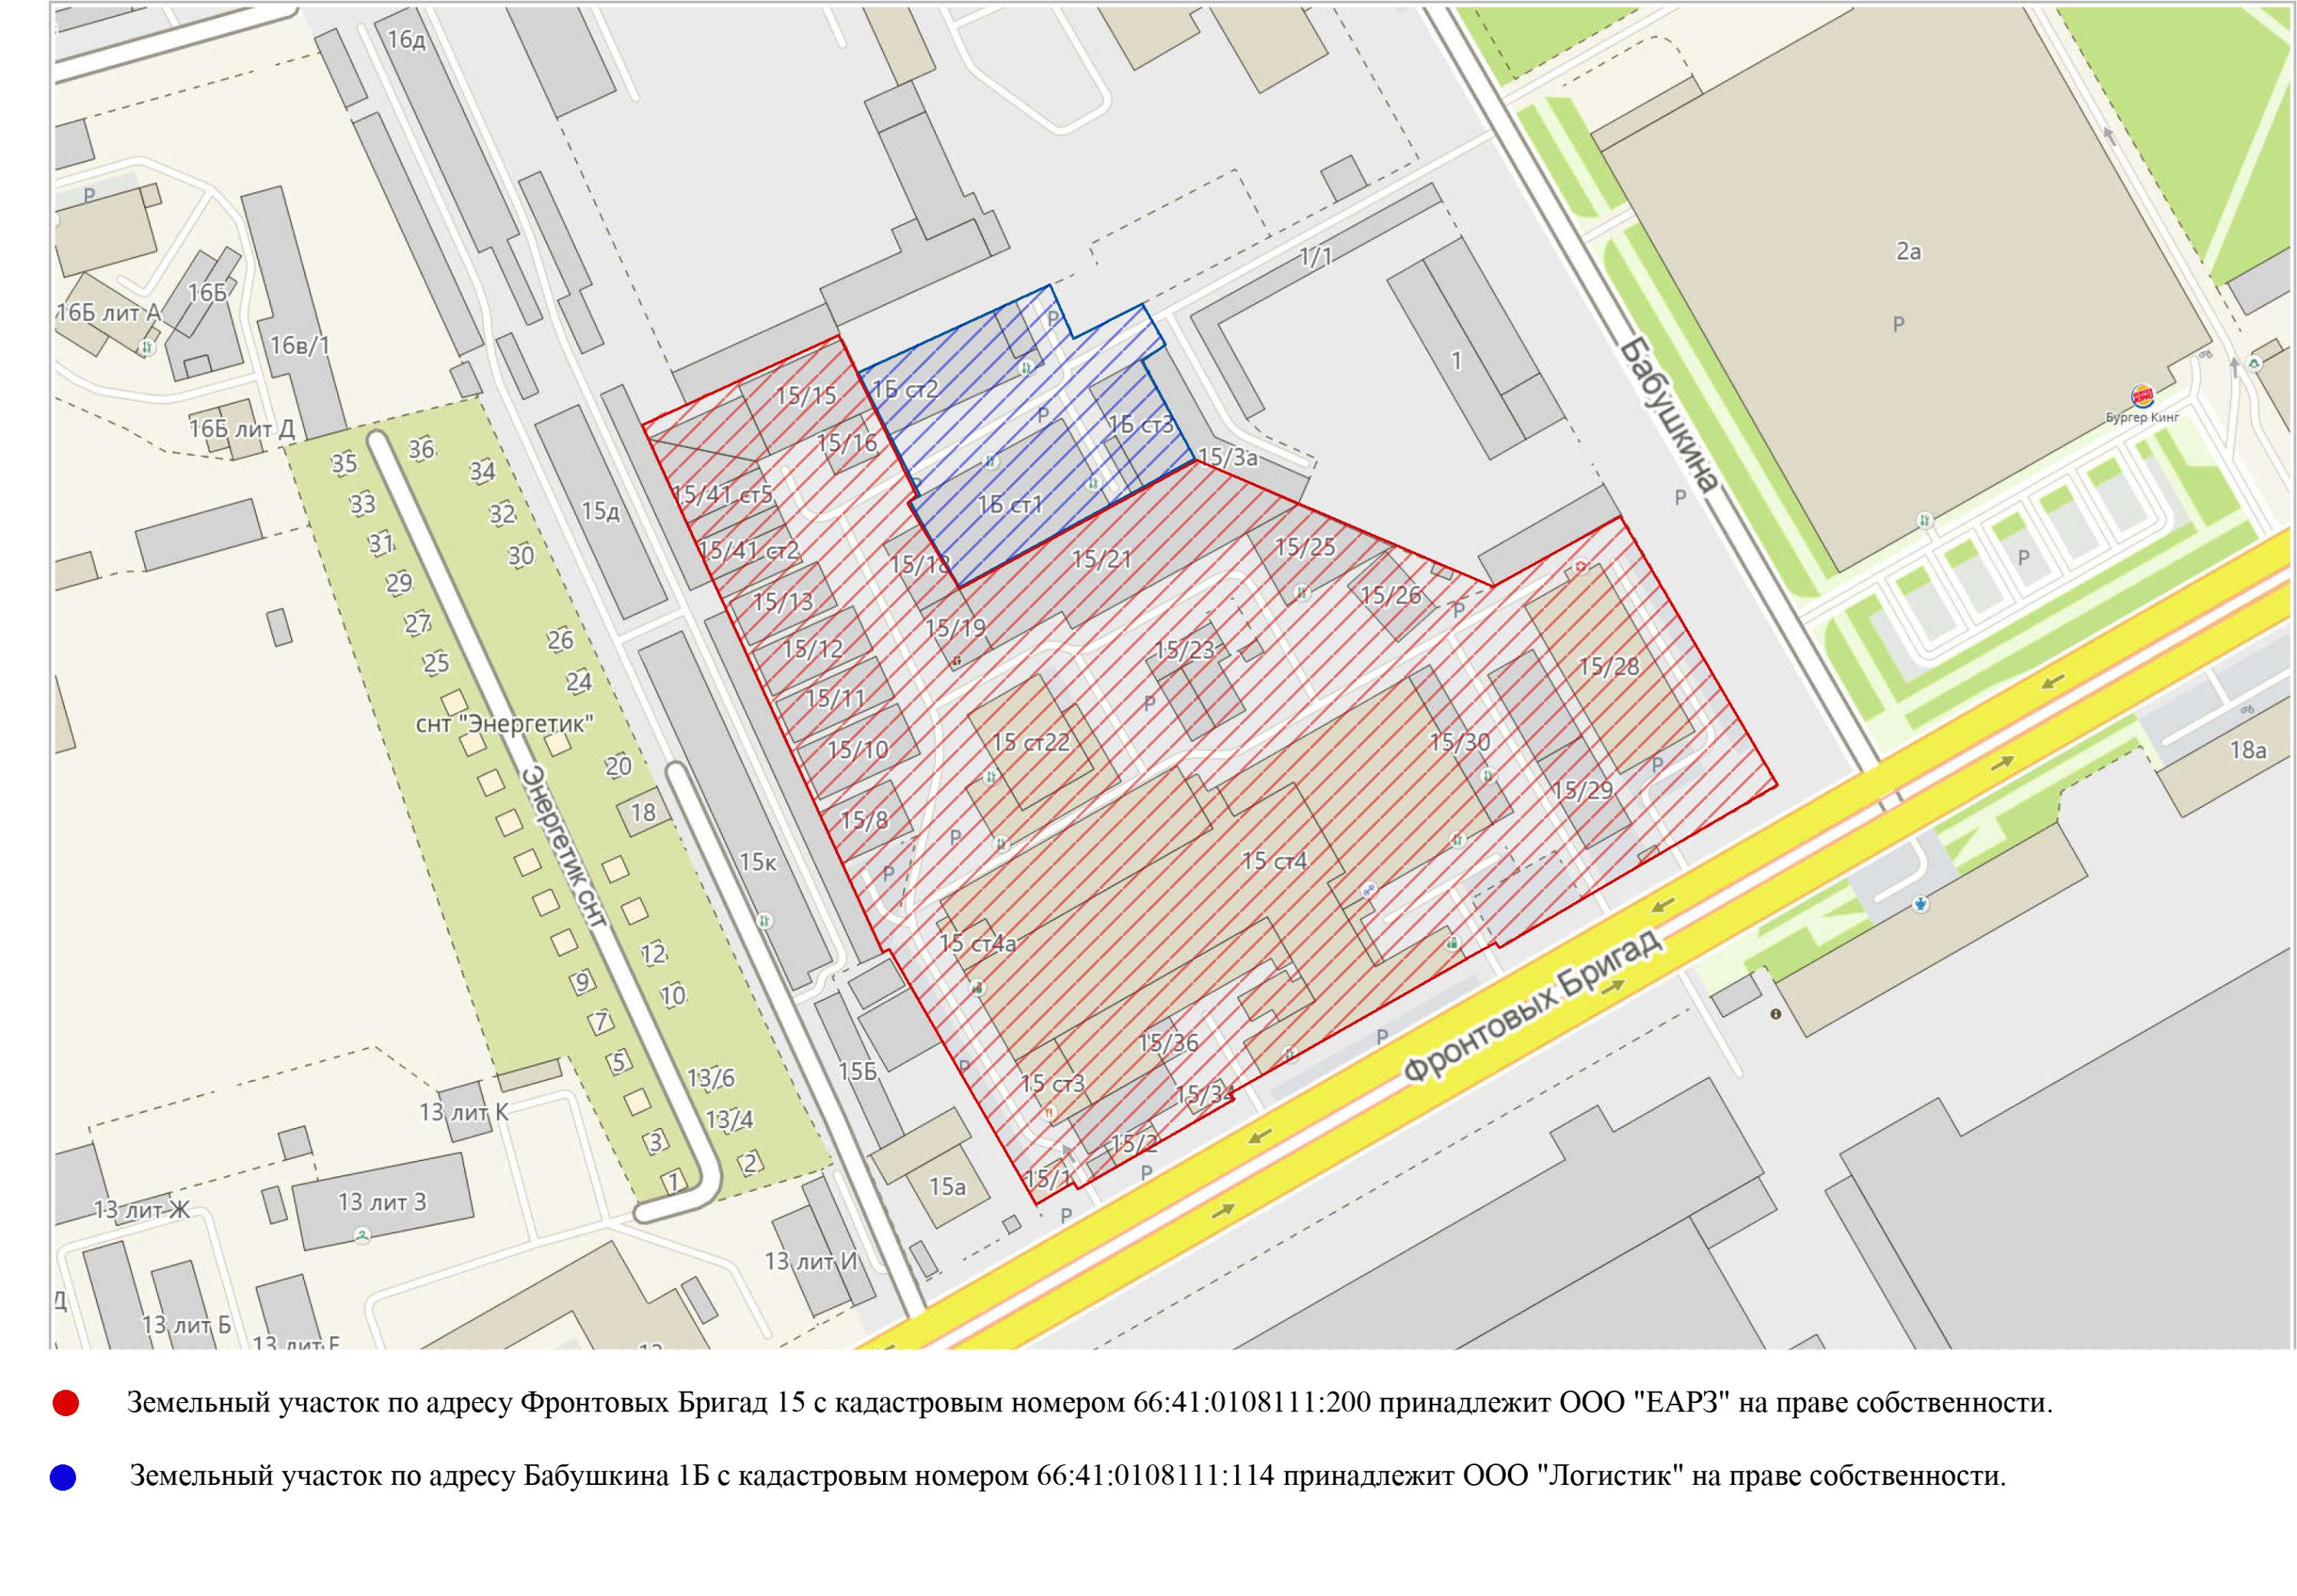 Красным цветом отмечен земельный участок на Фронтовых бригад, 15, синим — по адресу Бабушкина, 1Б